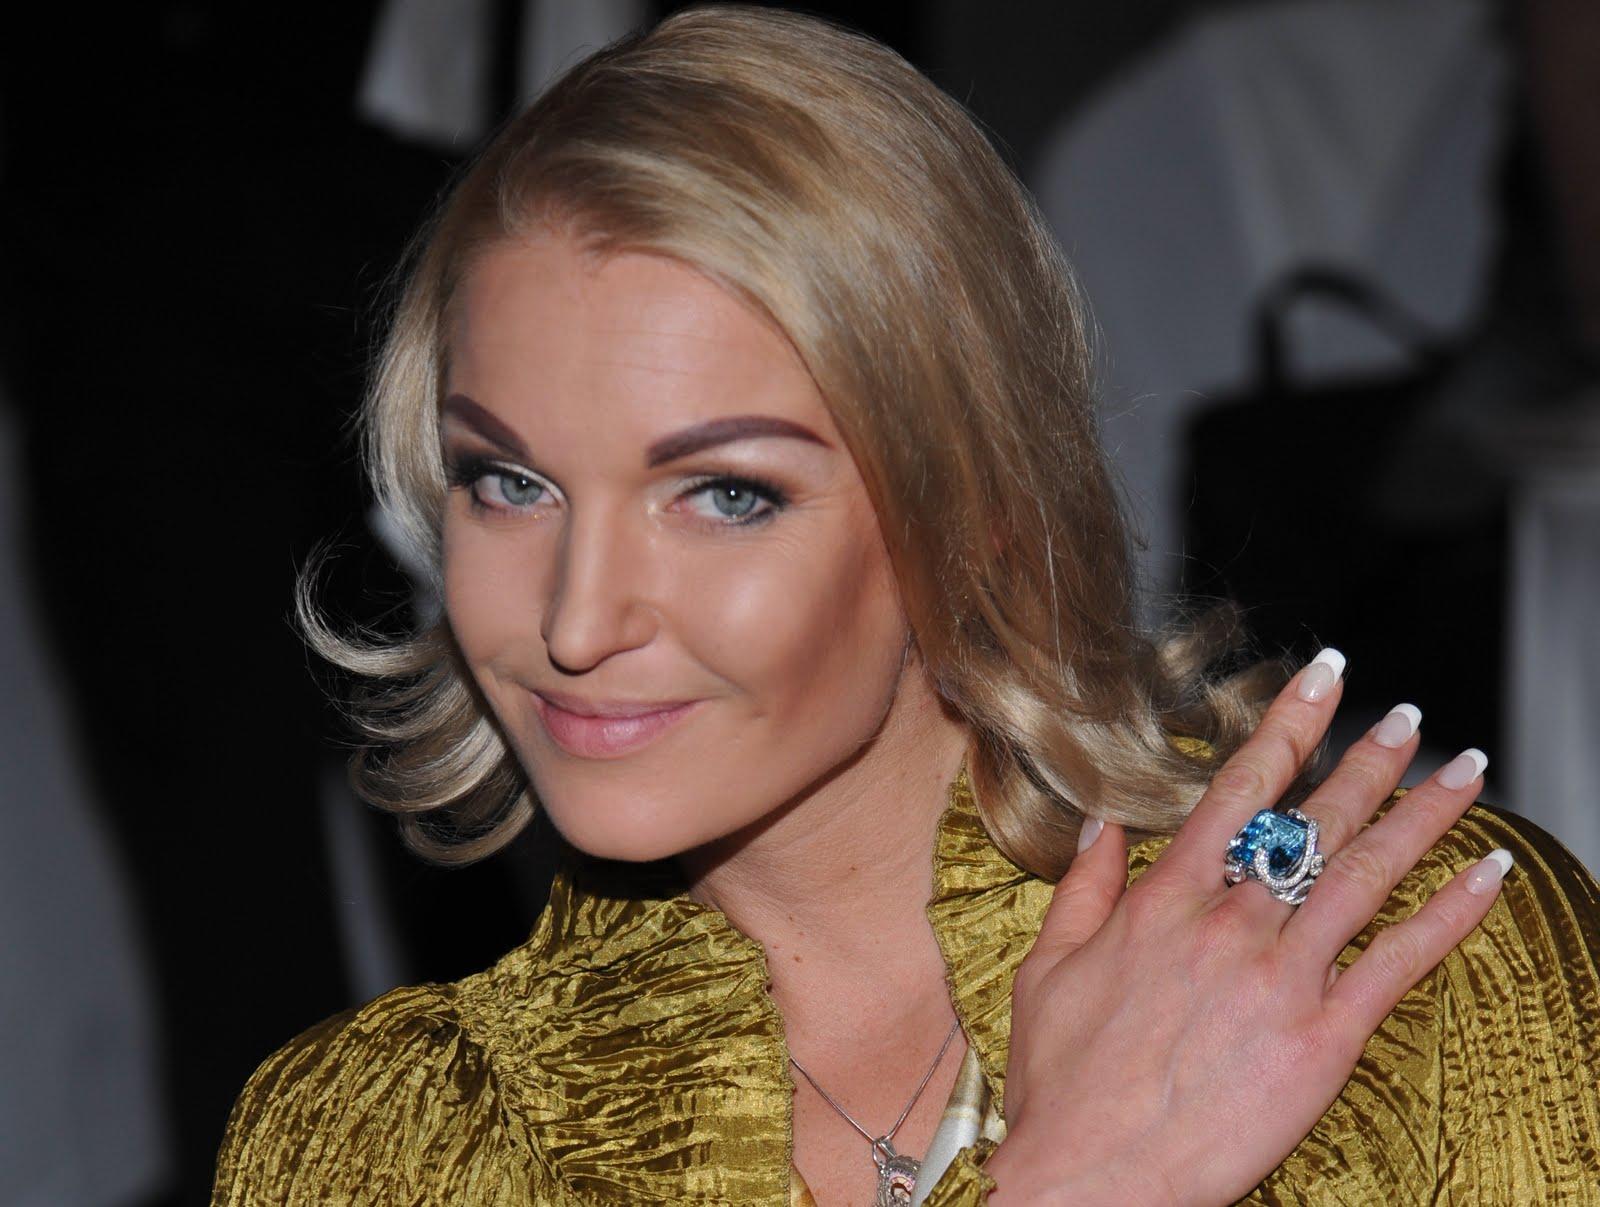 Анастасия Волочкова случайно показала таинственного бойфренда